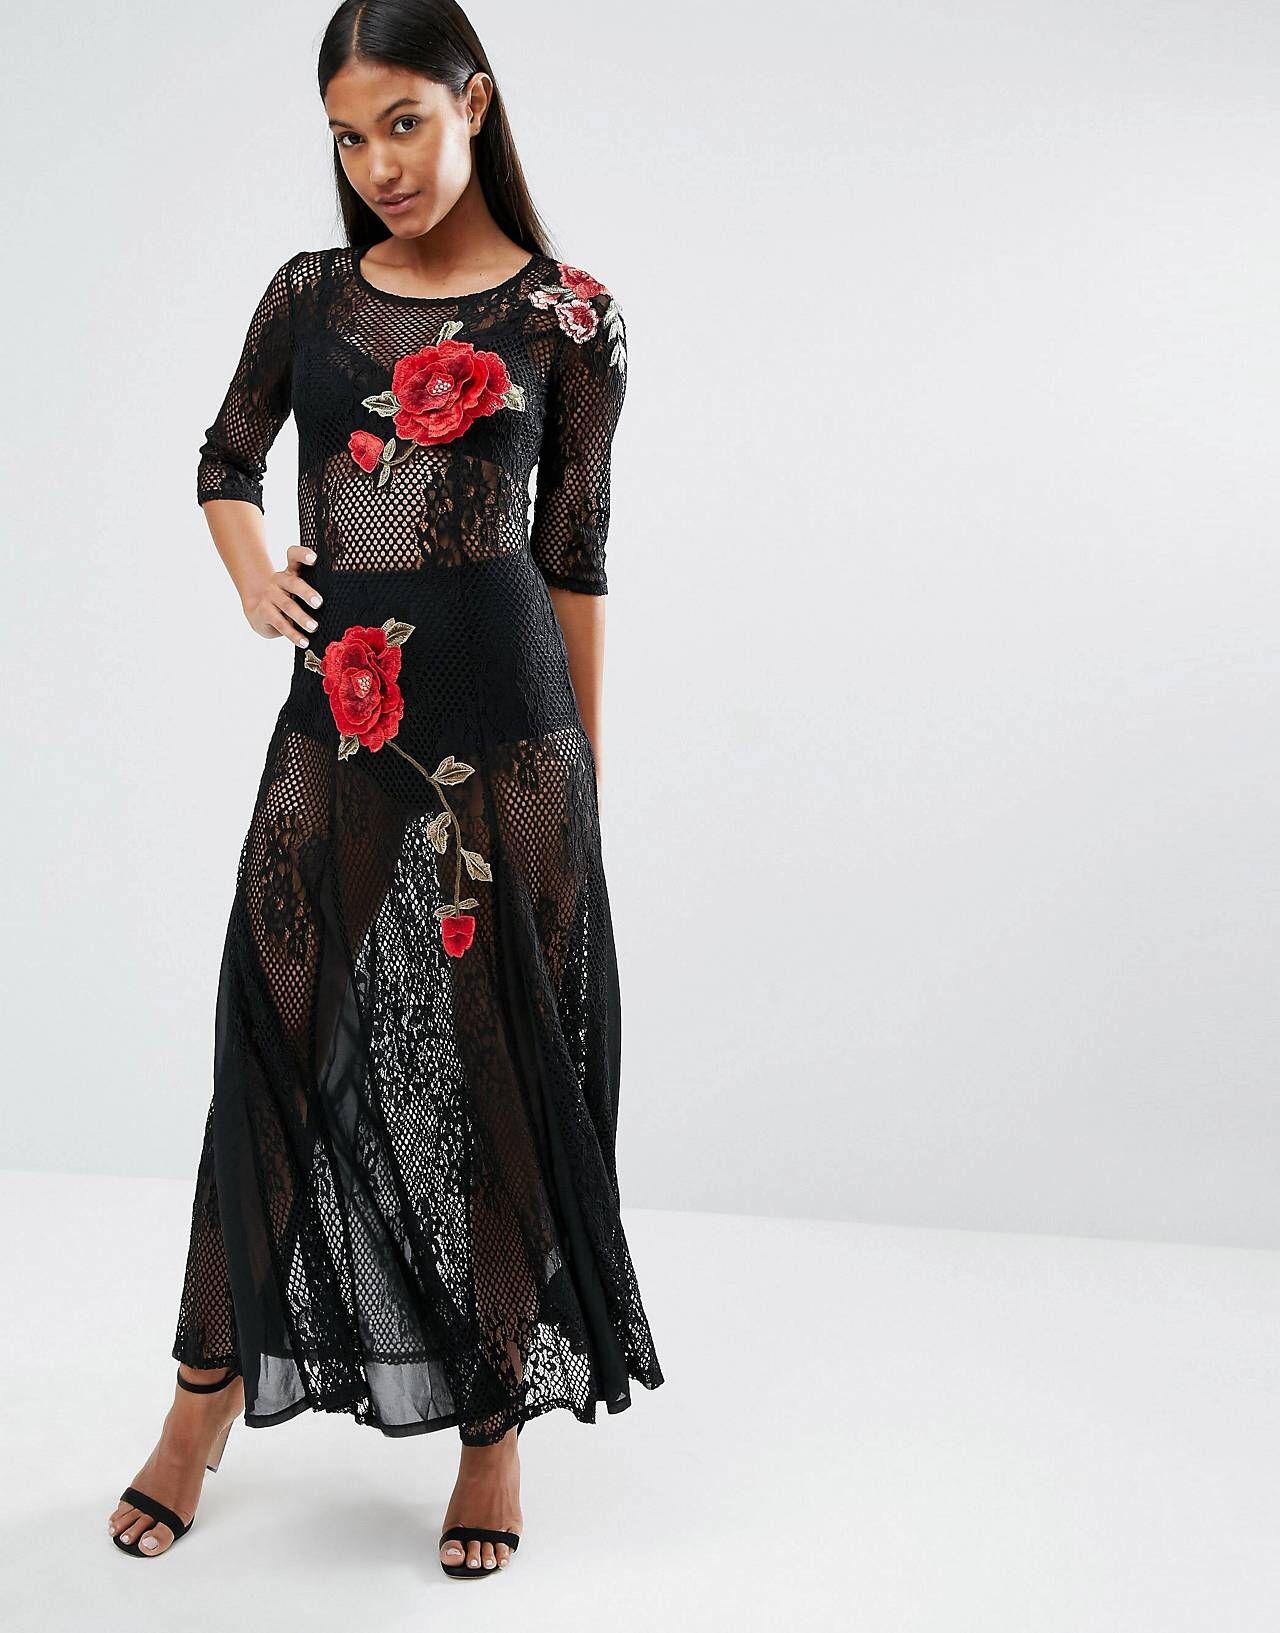 318e6f36c Compra Vestido largo de encaje con bordado floral de Boohoo en ASOS.  Descubre la moda online.